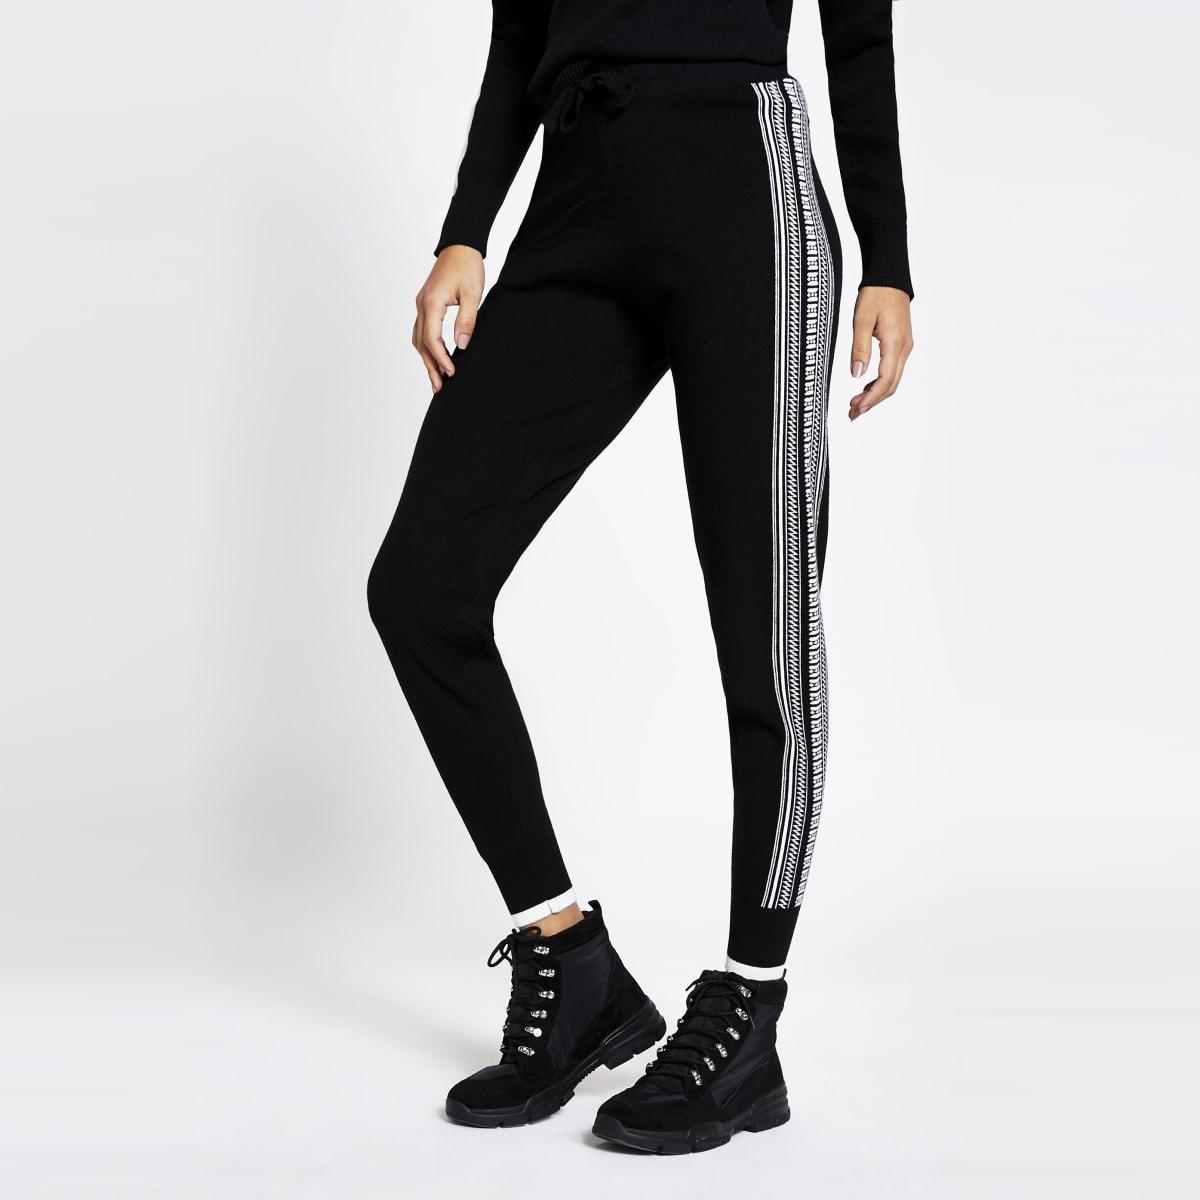 Zwarte joggingbroek met fairisle-print op zijkant